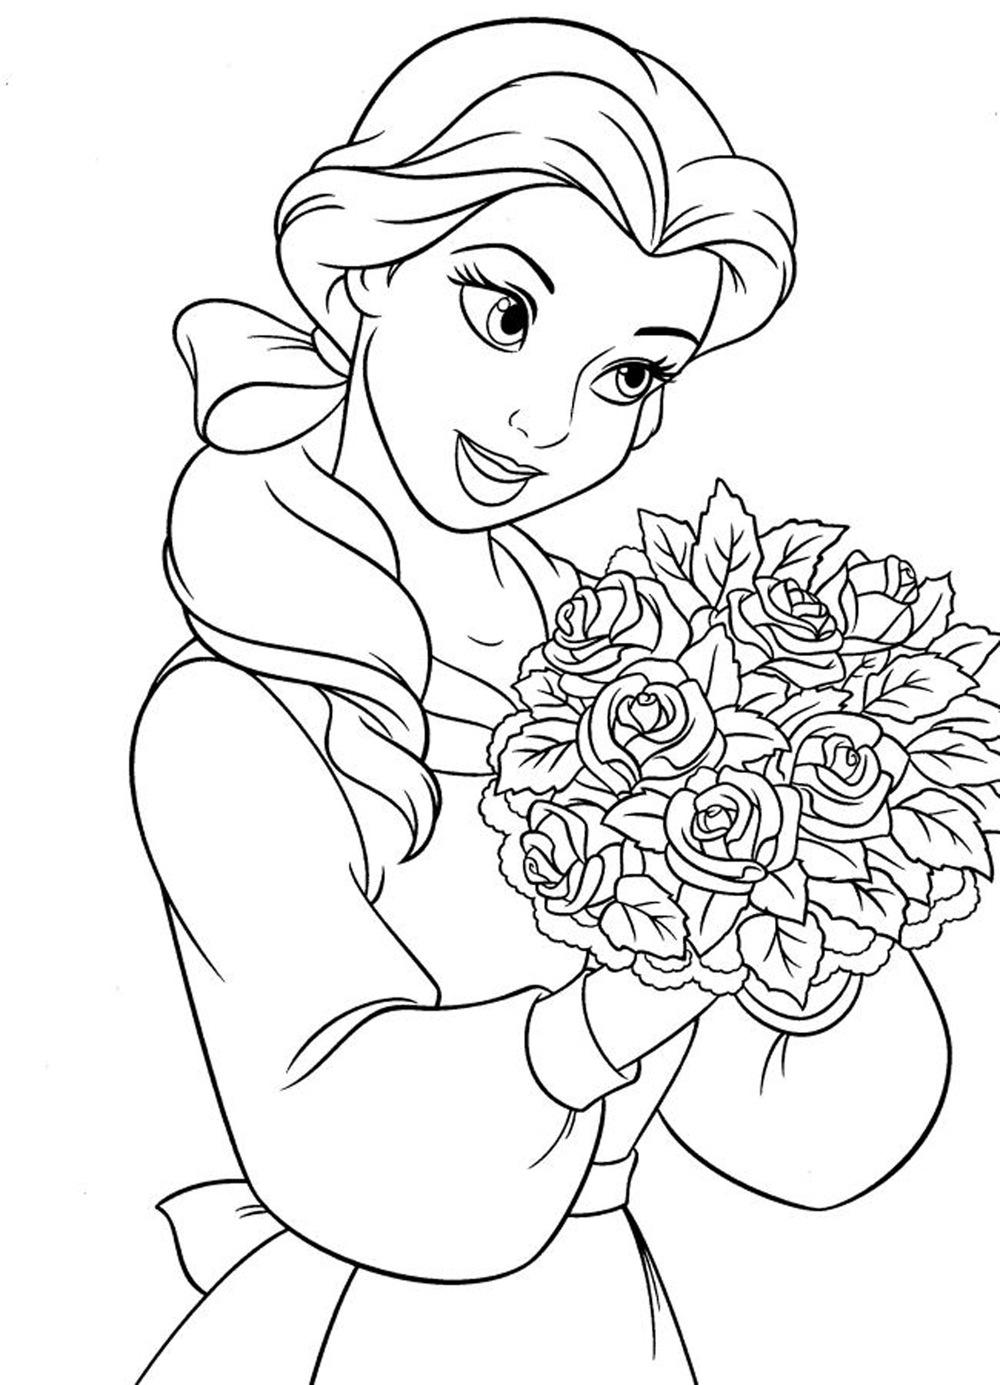 71 dessins de coloriage la belle et la b te imprimer sur page 4 - Coloriage de la belle et la bete ...